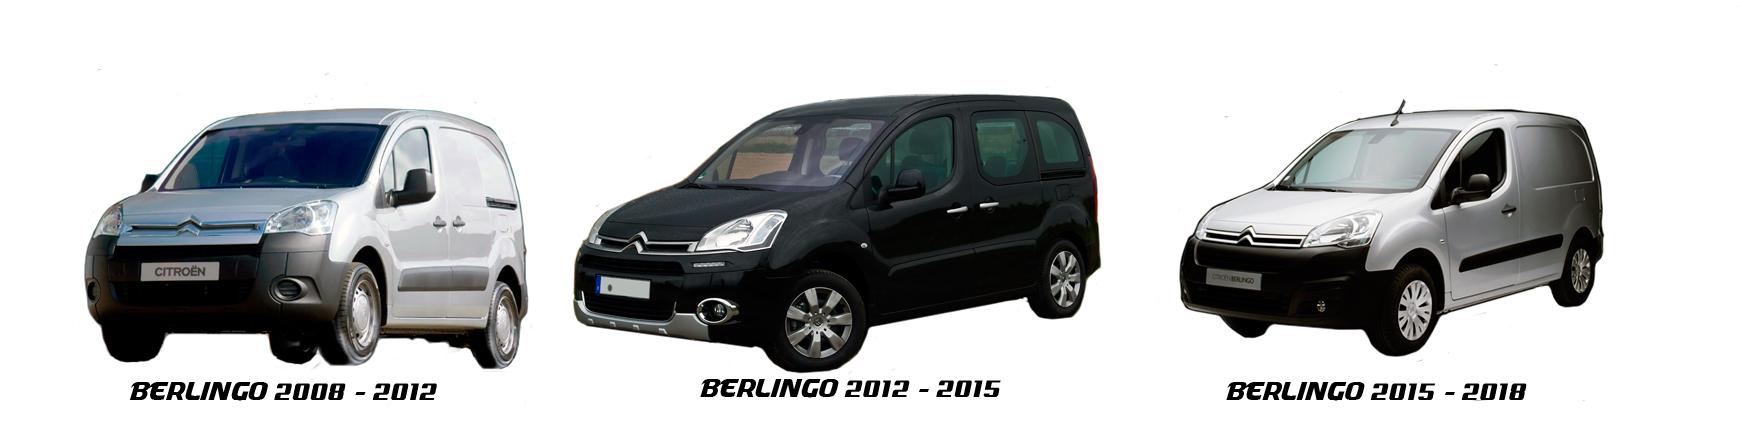 Recambios de Citroën Berlingo de 2008 a 2012. Envío urgente económico.